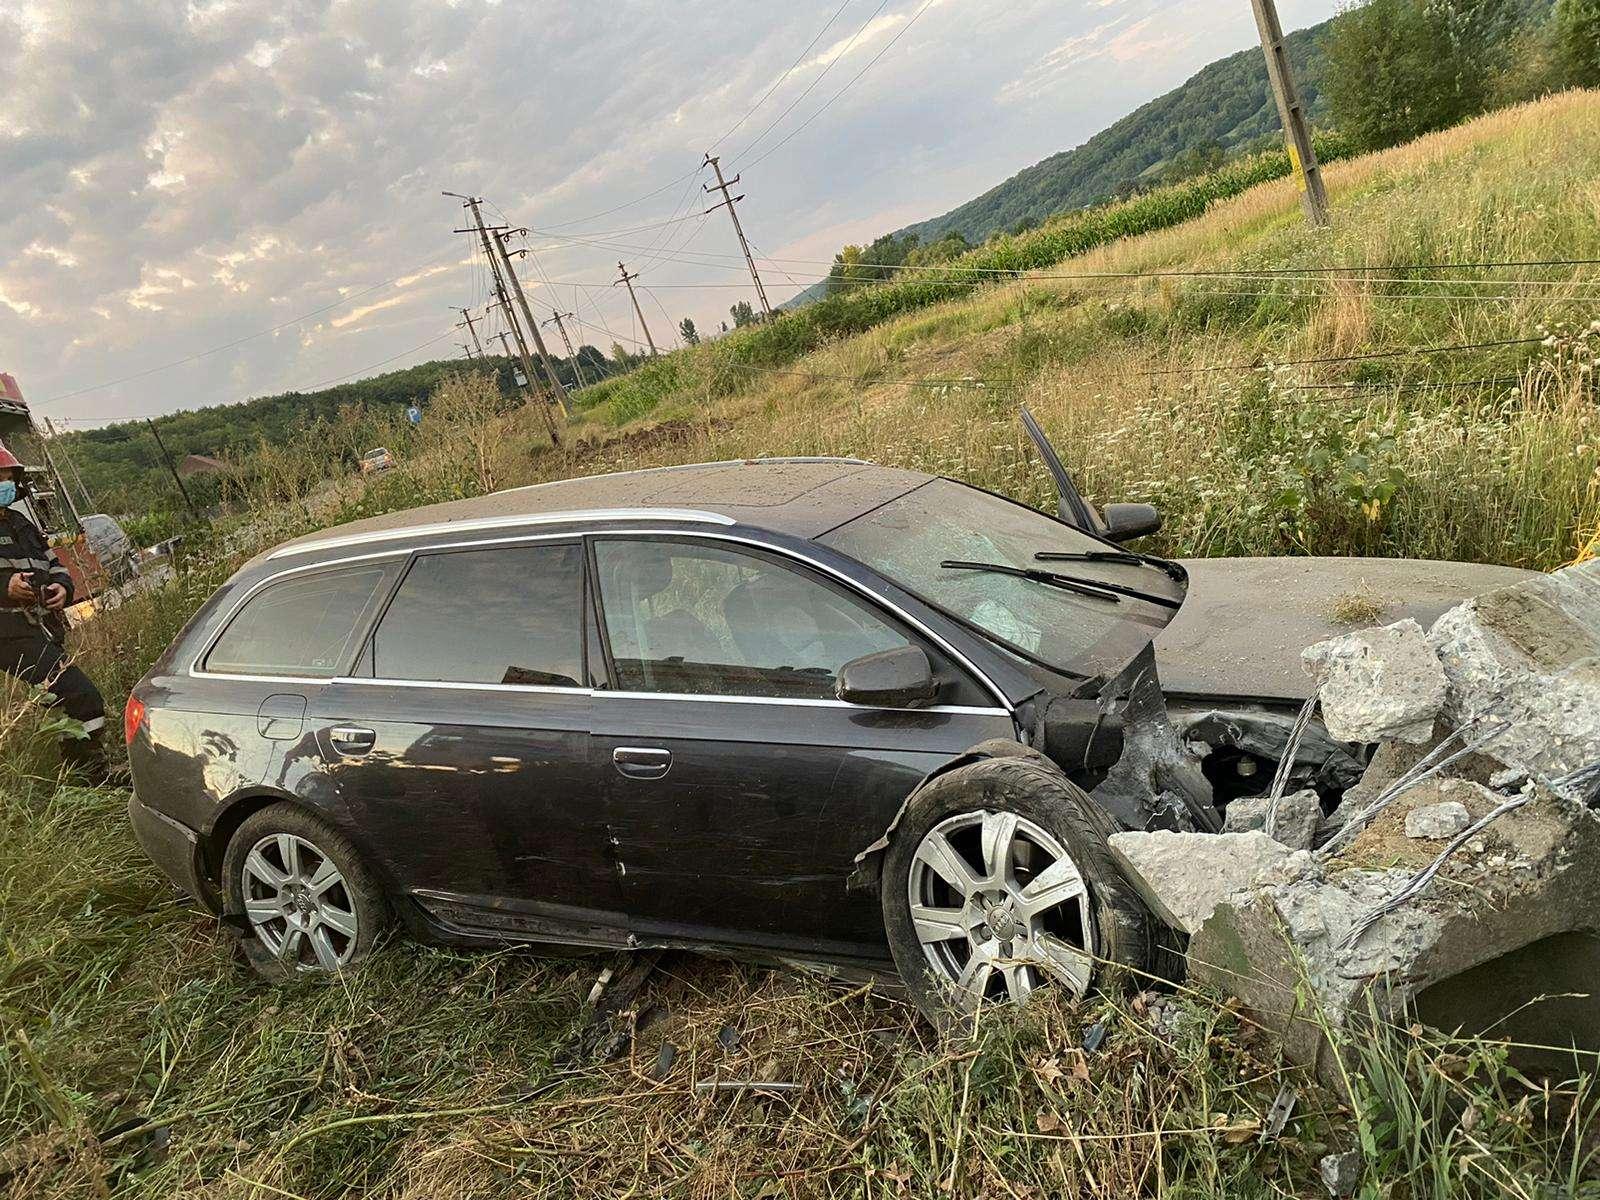 Un autoturism s-a izbit violent de un stâlp de beton! O persoană a fost rănită!